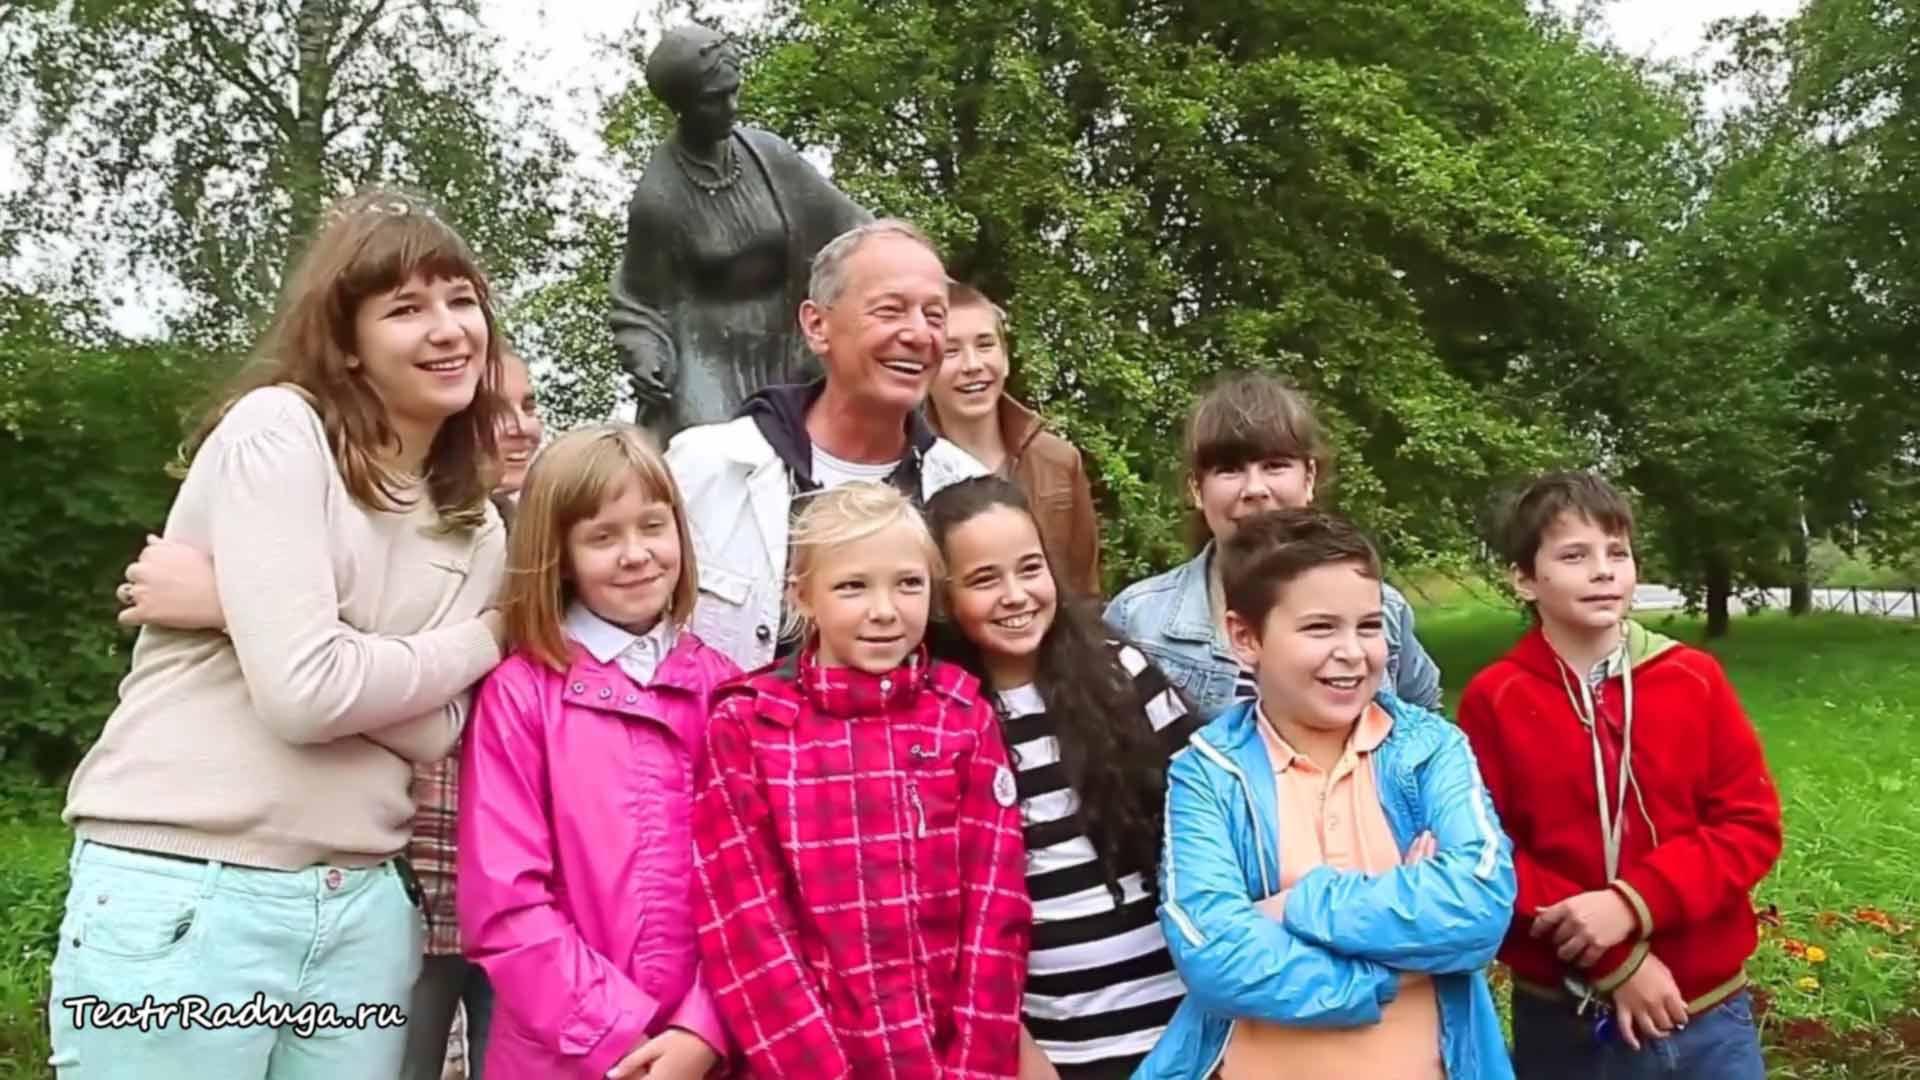 Михаил Задорнов и детский театр Радуга у памятника Арине Родионовне